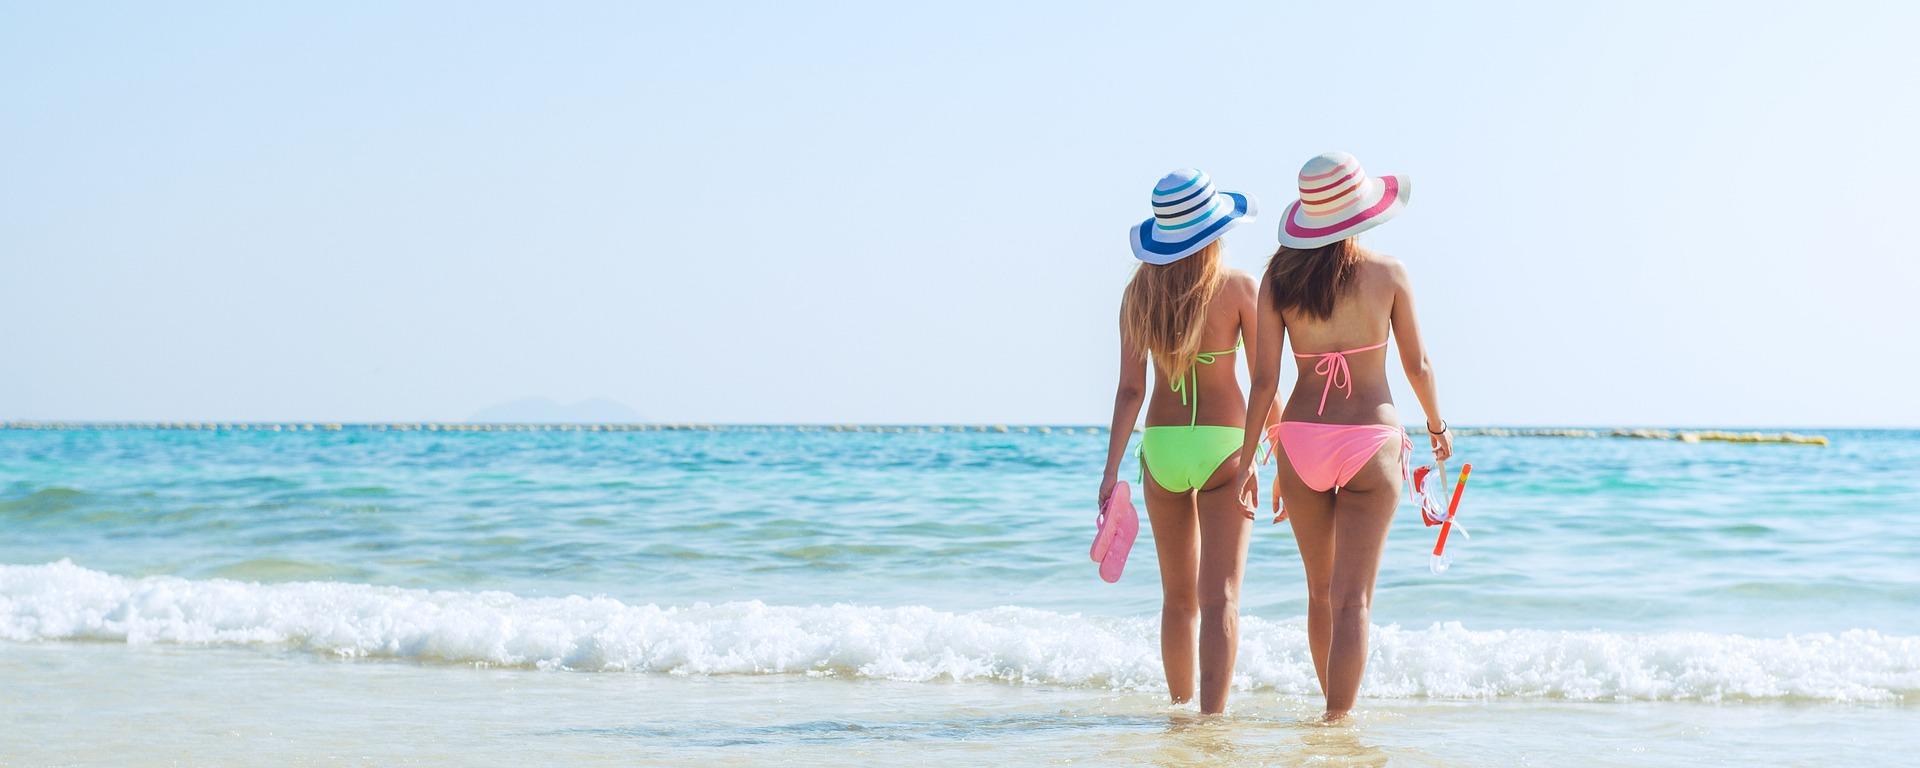 duas mulheres na praia usando diferentes tipos de biquínis